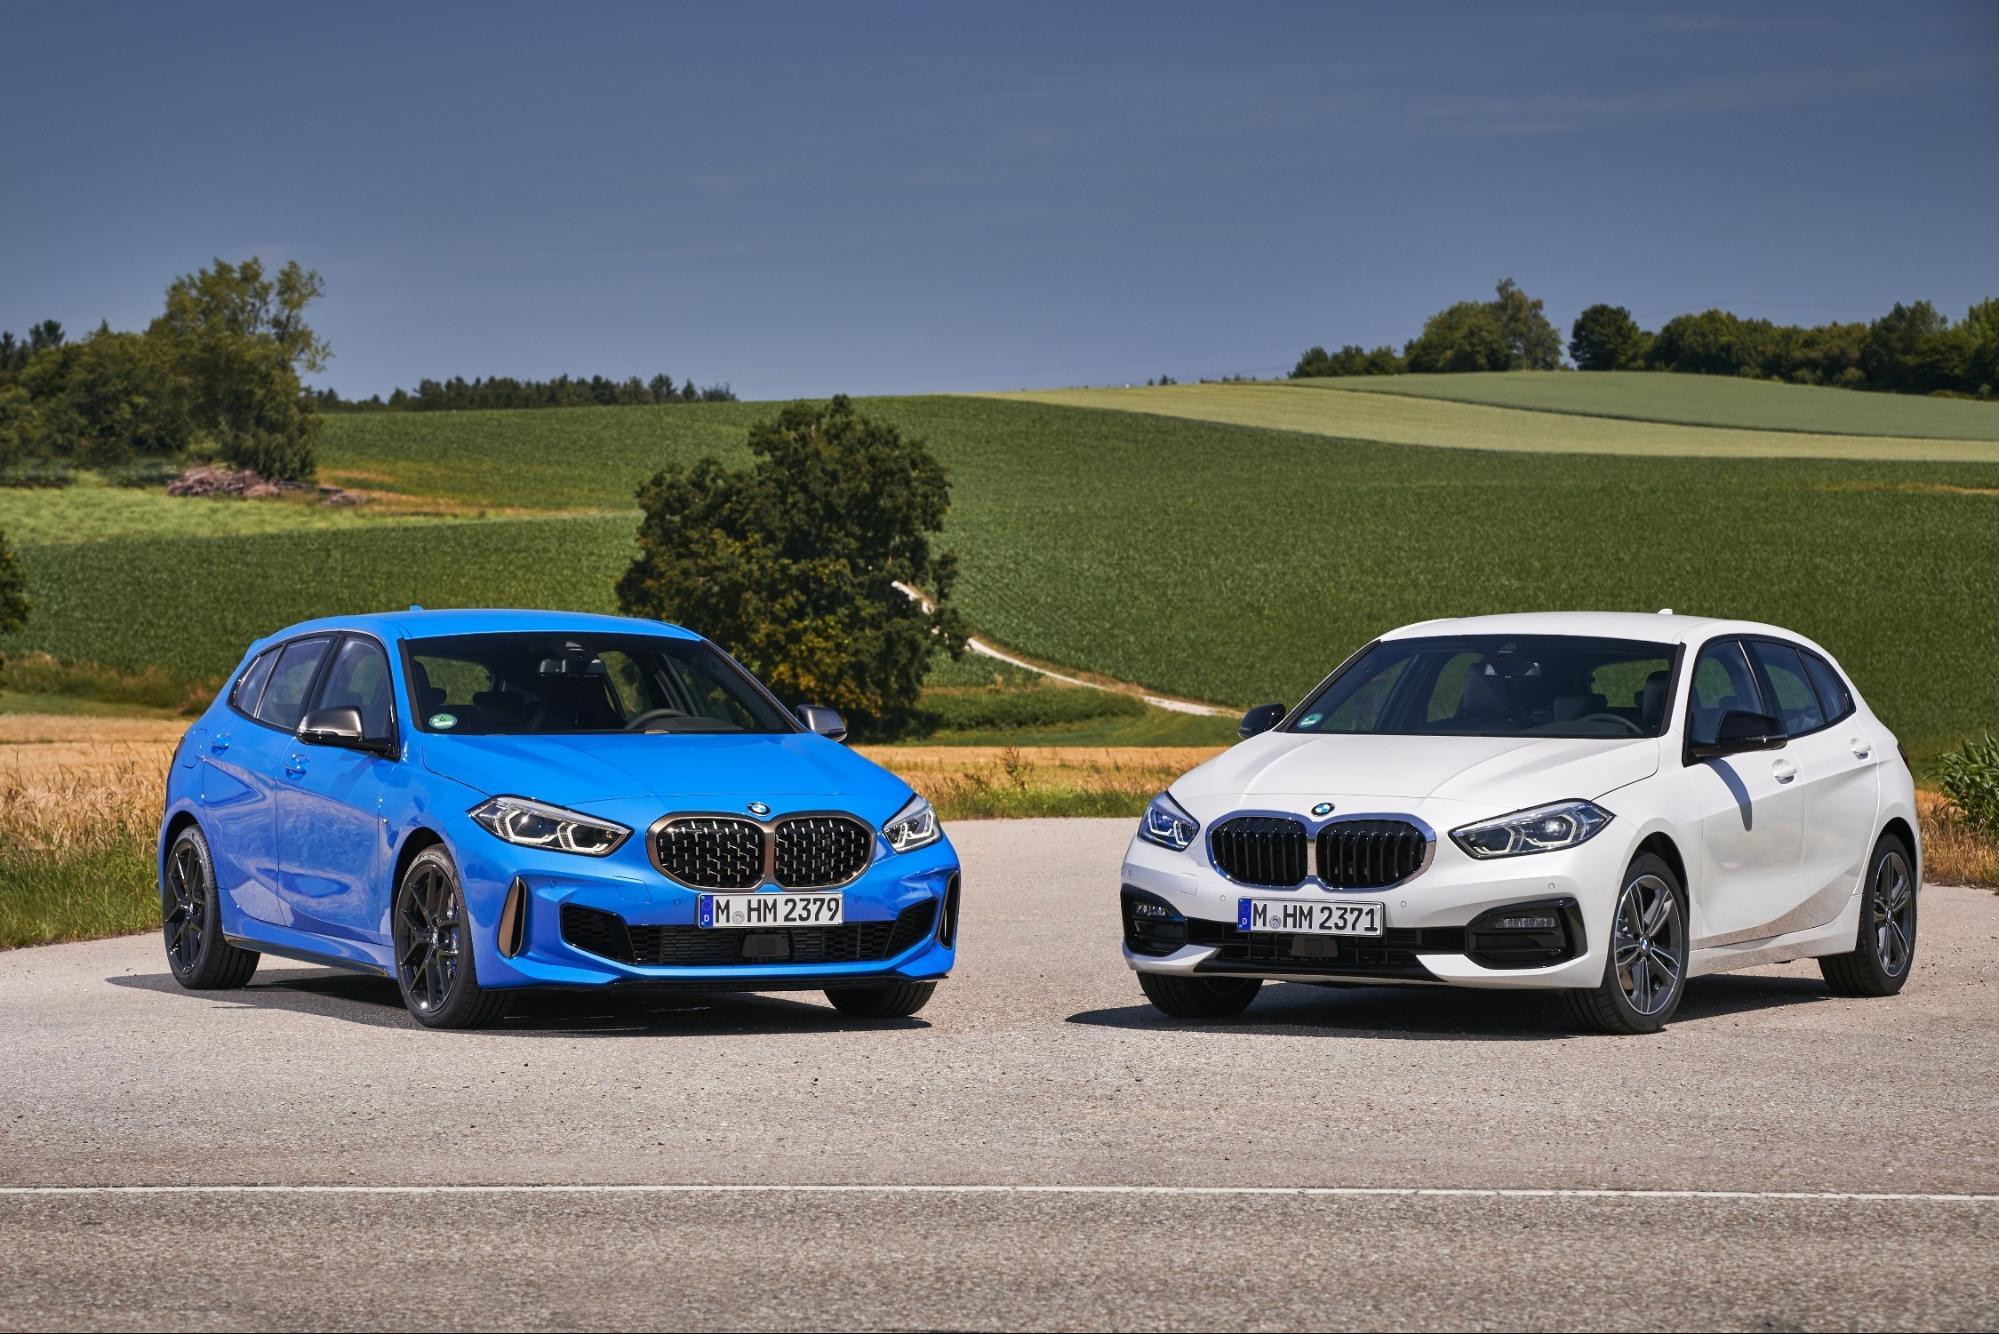 ブルーとホワイトのBMW 1シリーズ